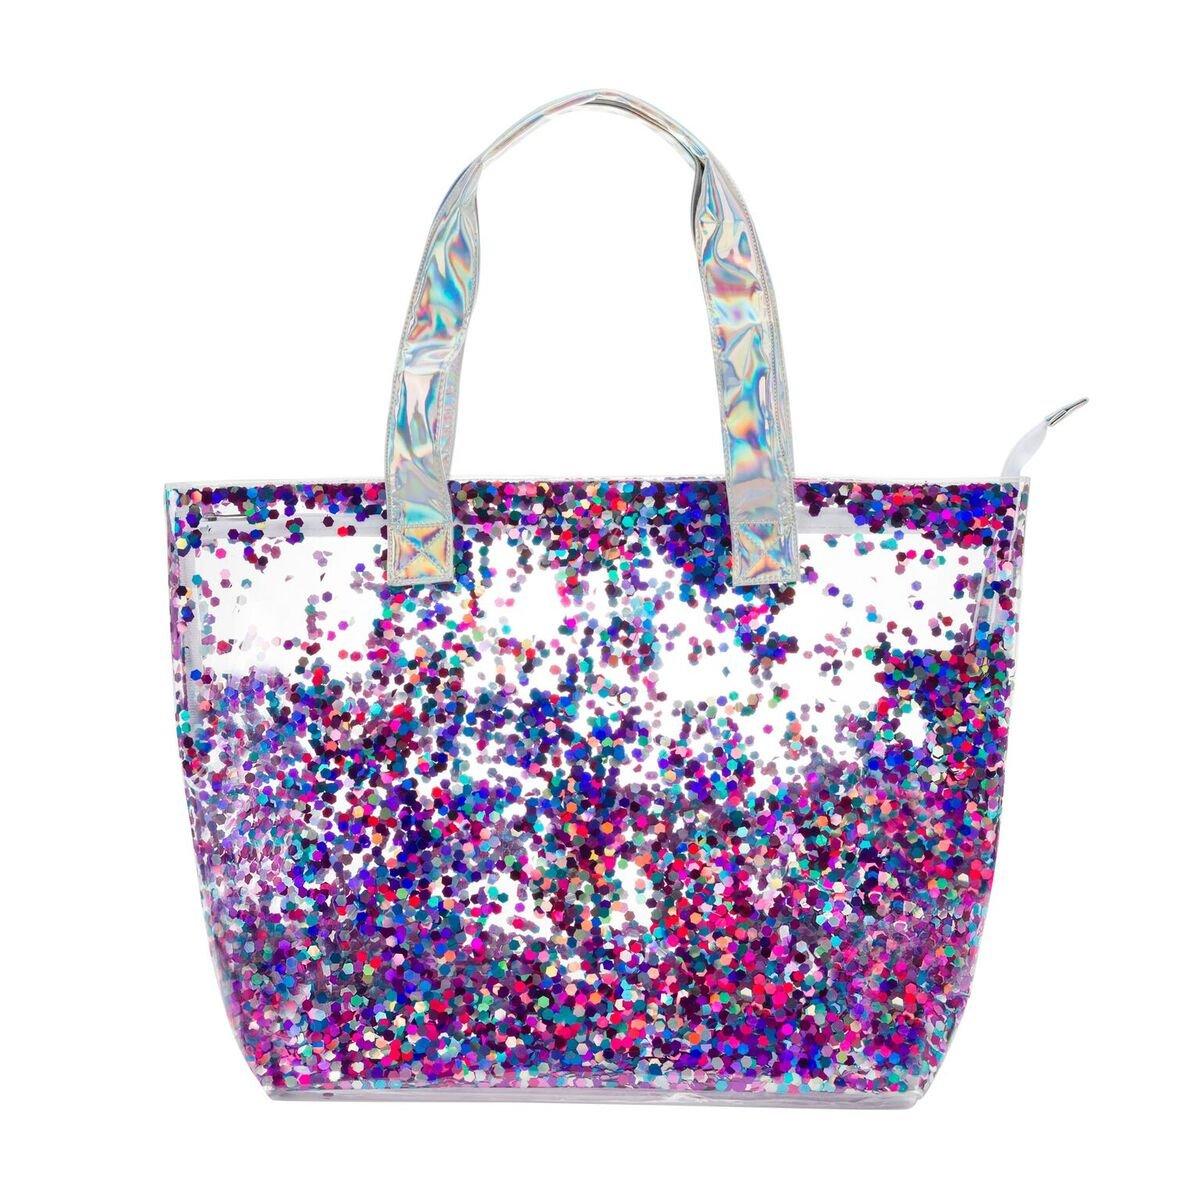 Multicolor 27124 3C4G Summer Vibes Glitter Confetti Tote